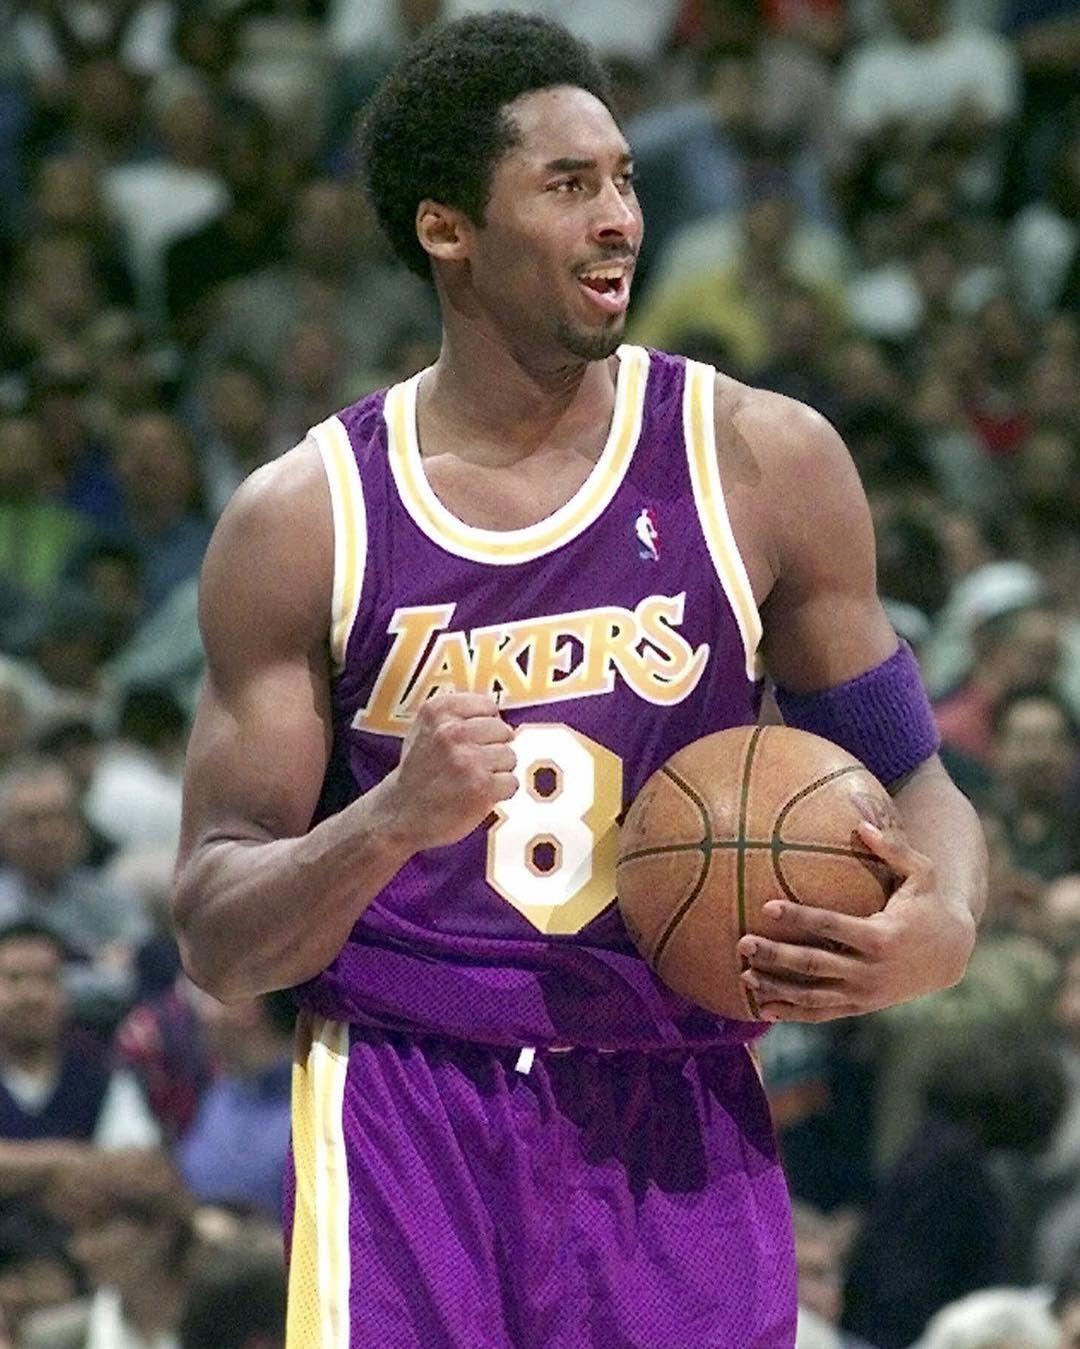 Young Kobe